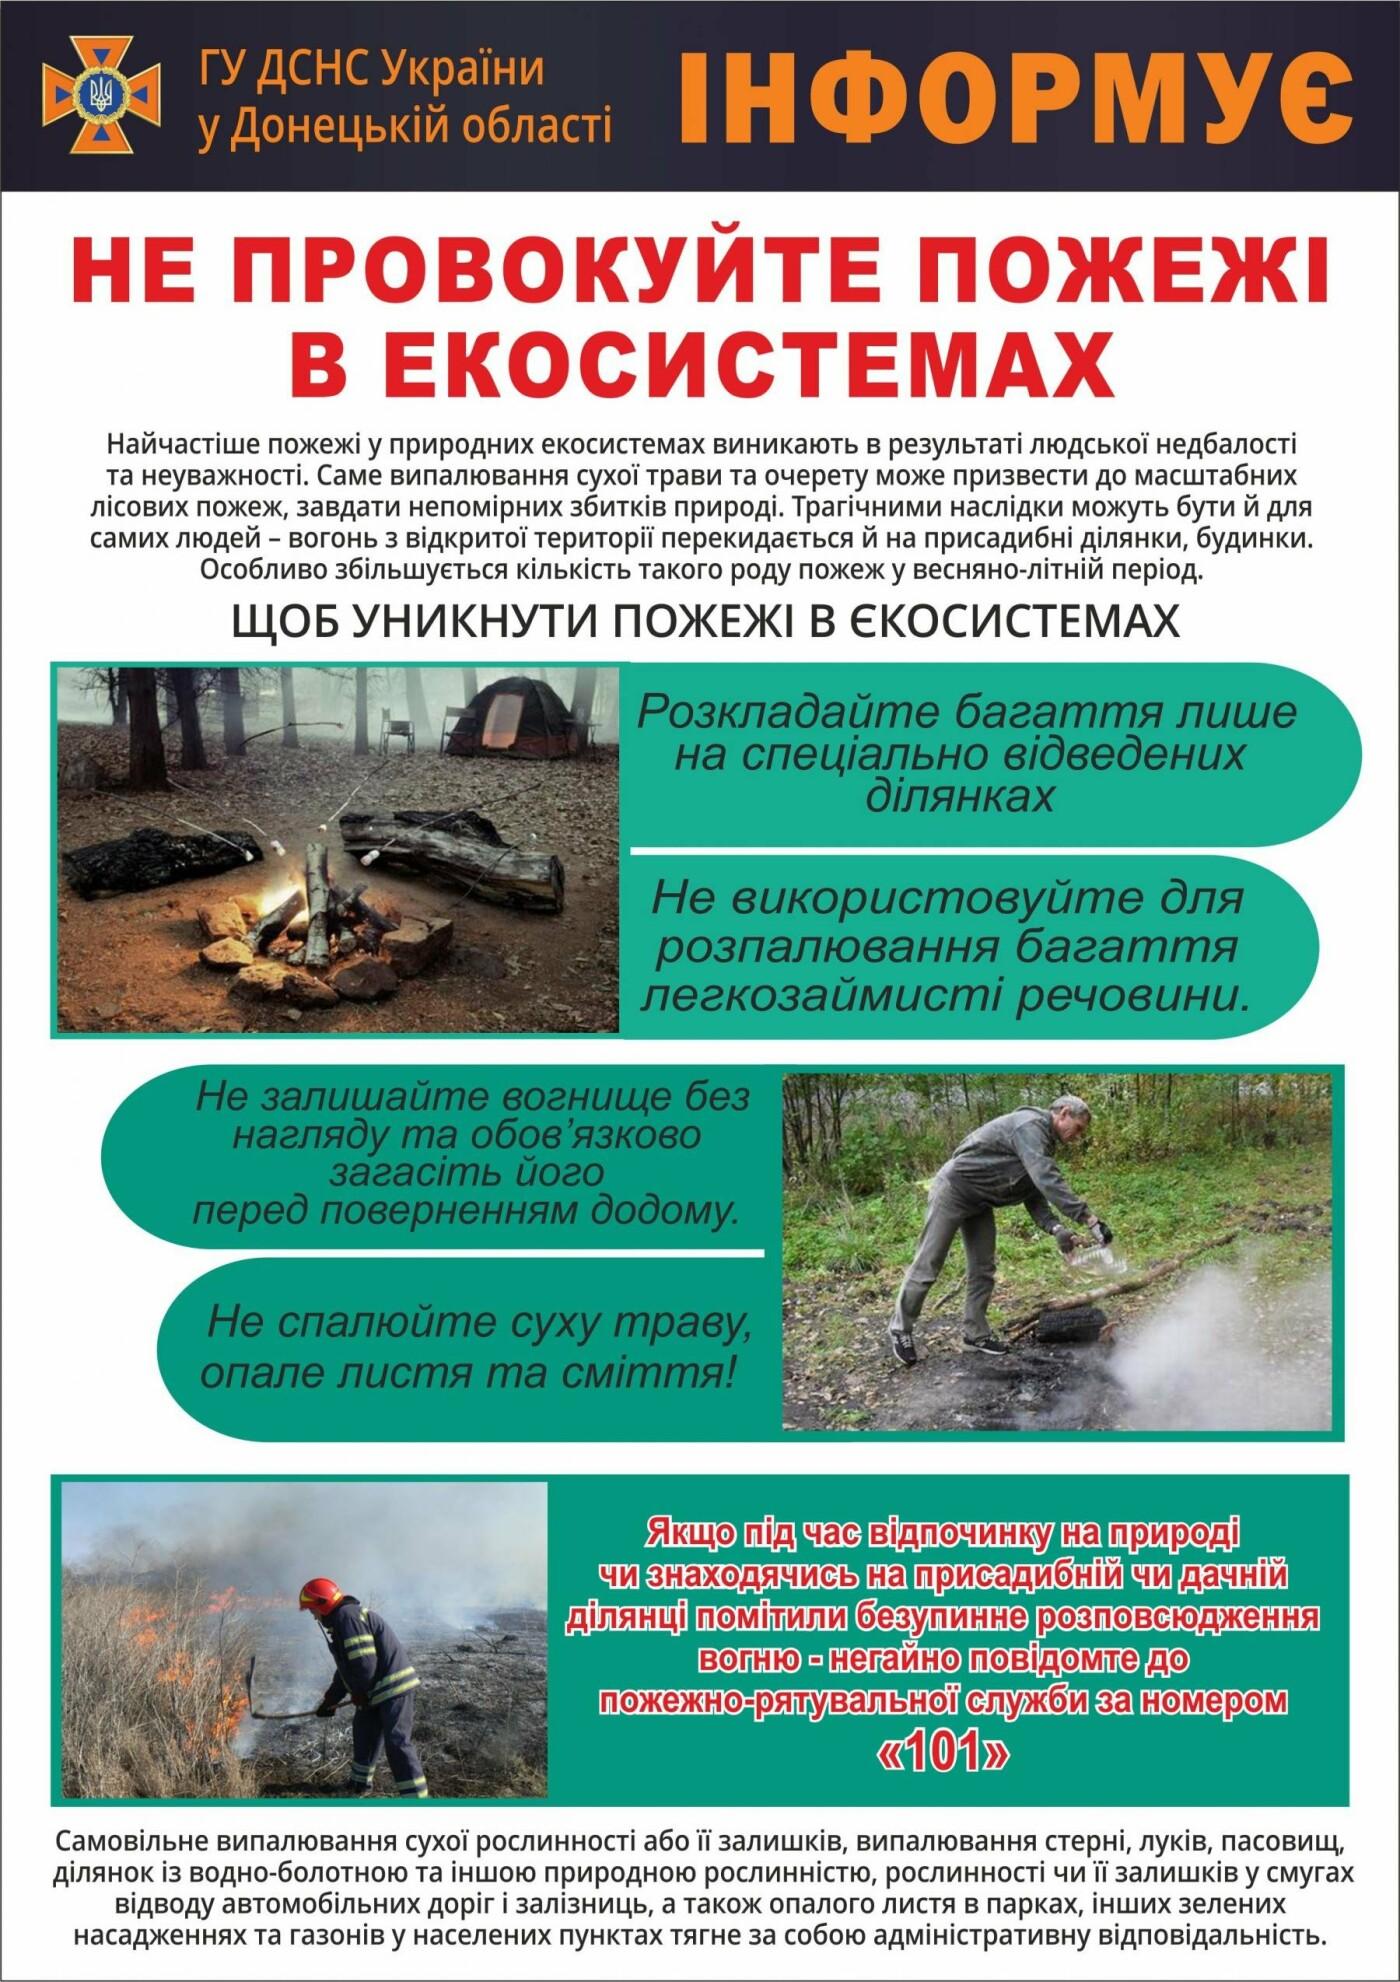 Спасатели области предупреждают о повышенном уровне пожарной опасности , фото-1